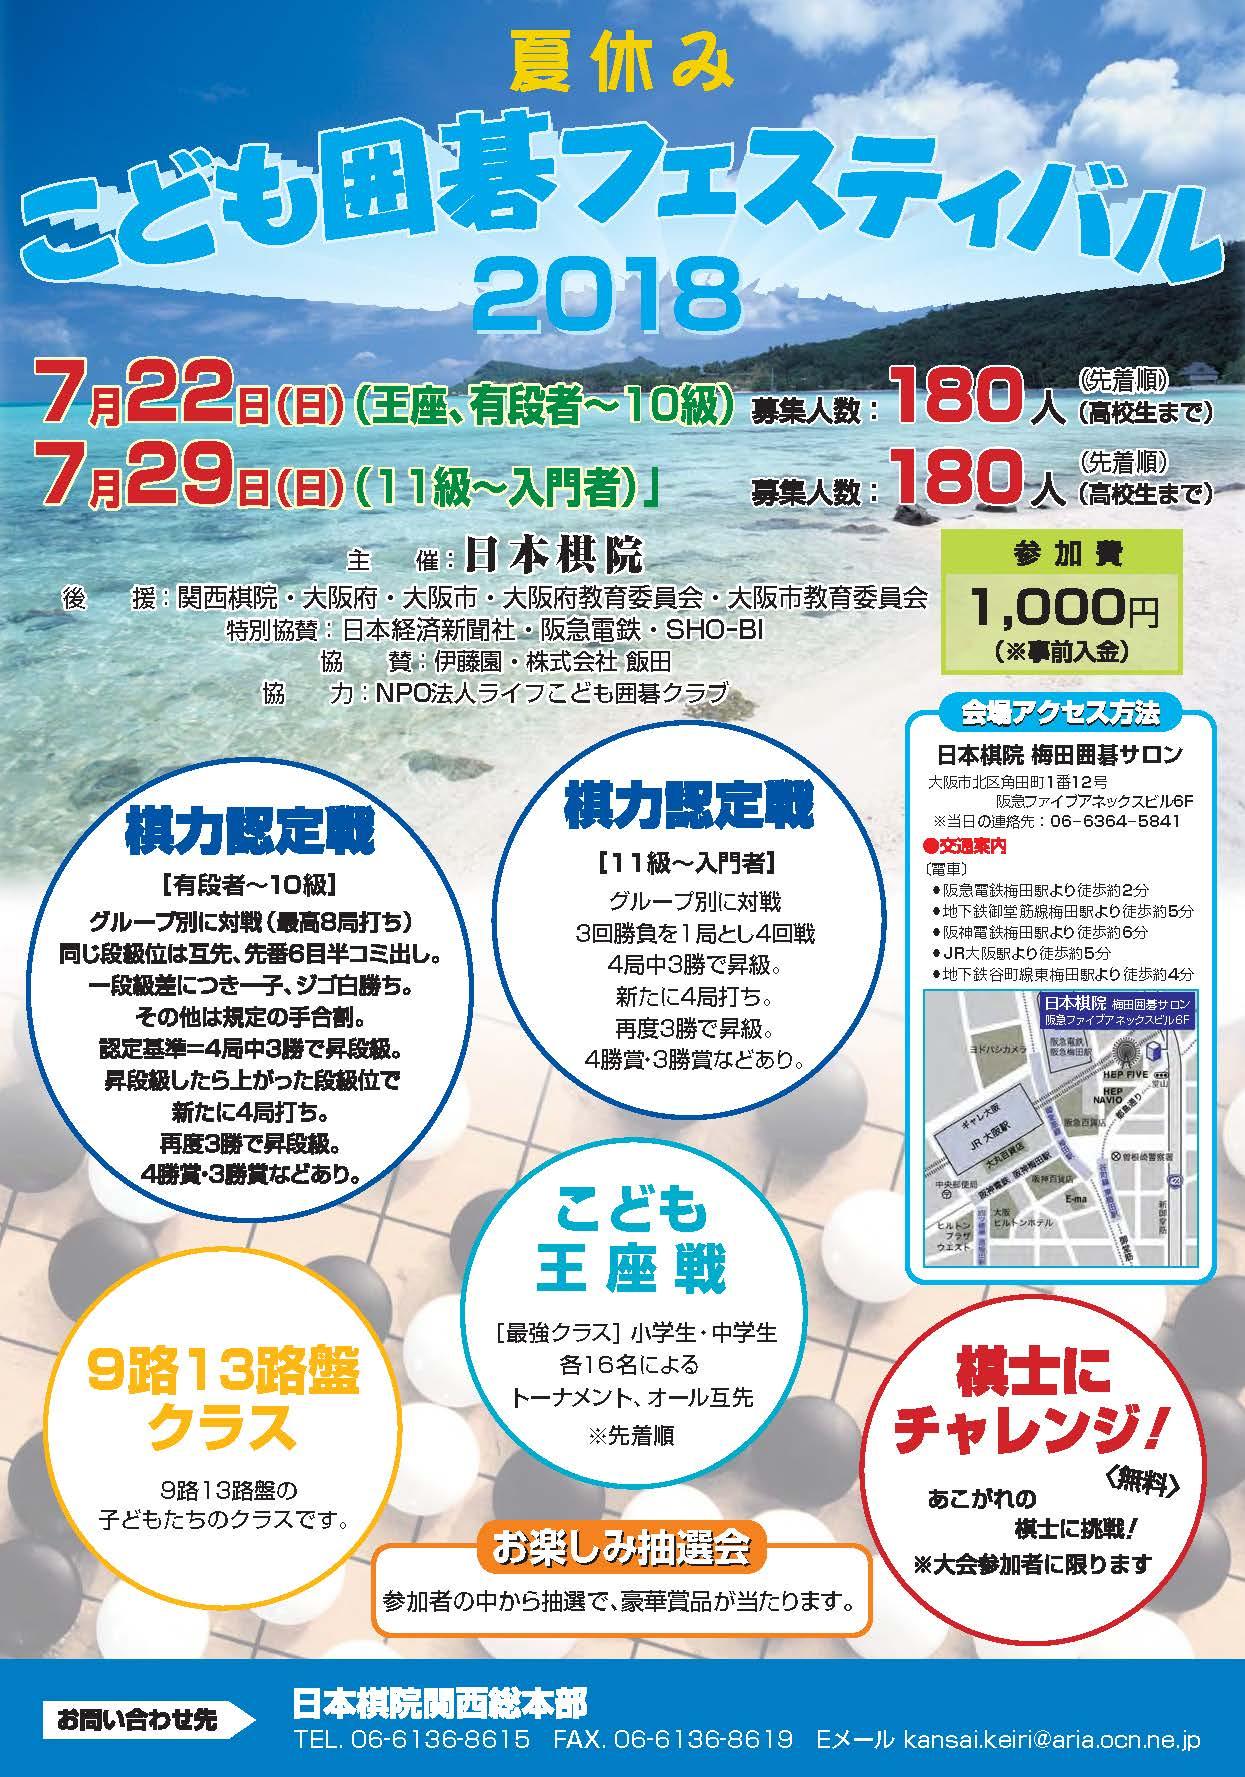 【大阪・梅田】夏休みこども囲碁フェスティバル 2018